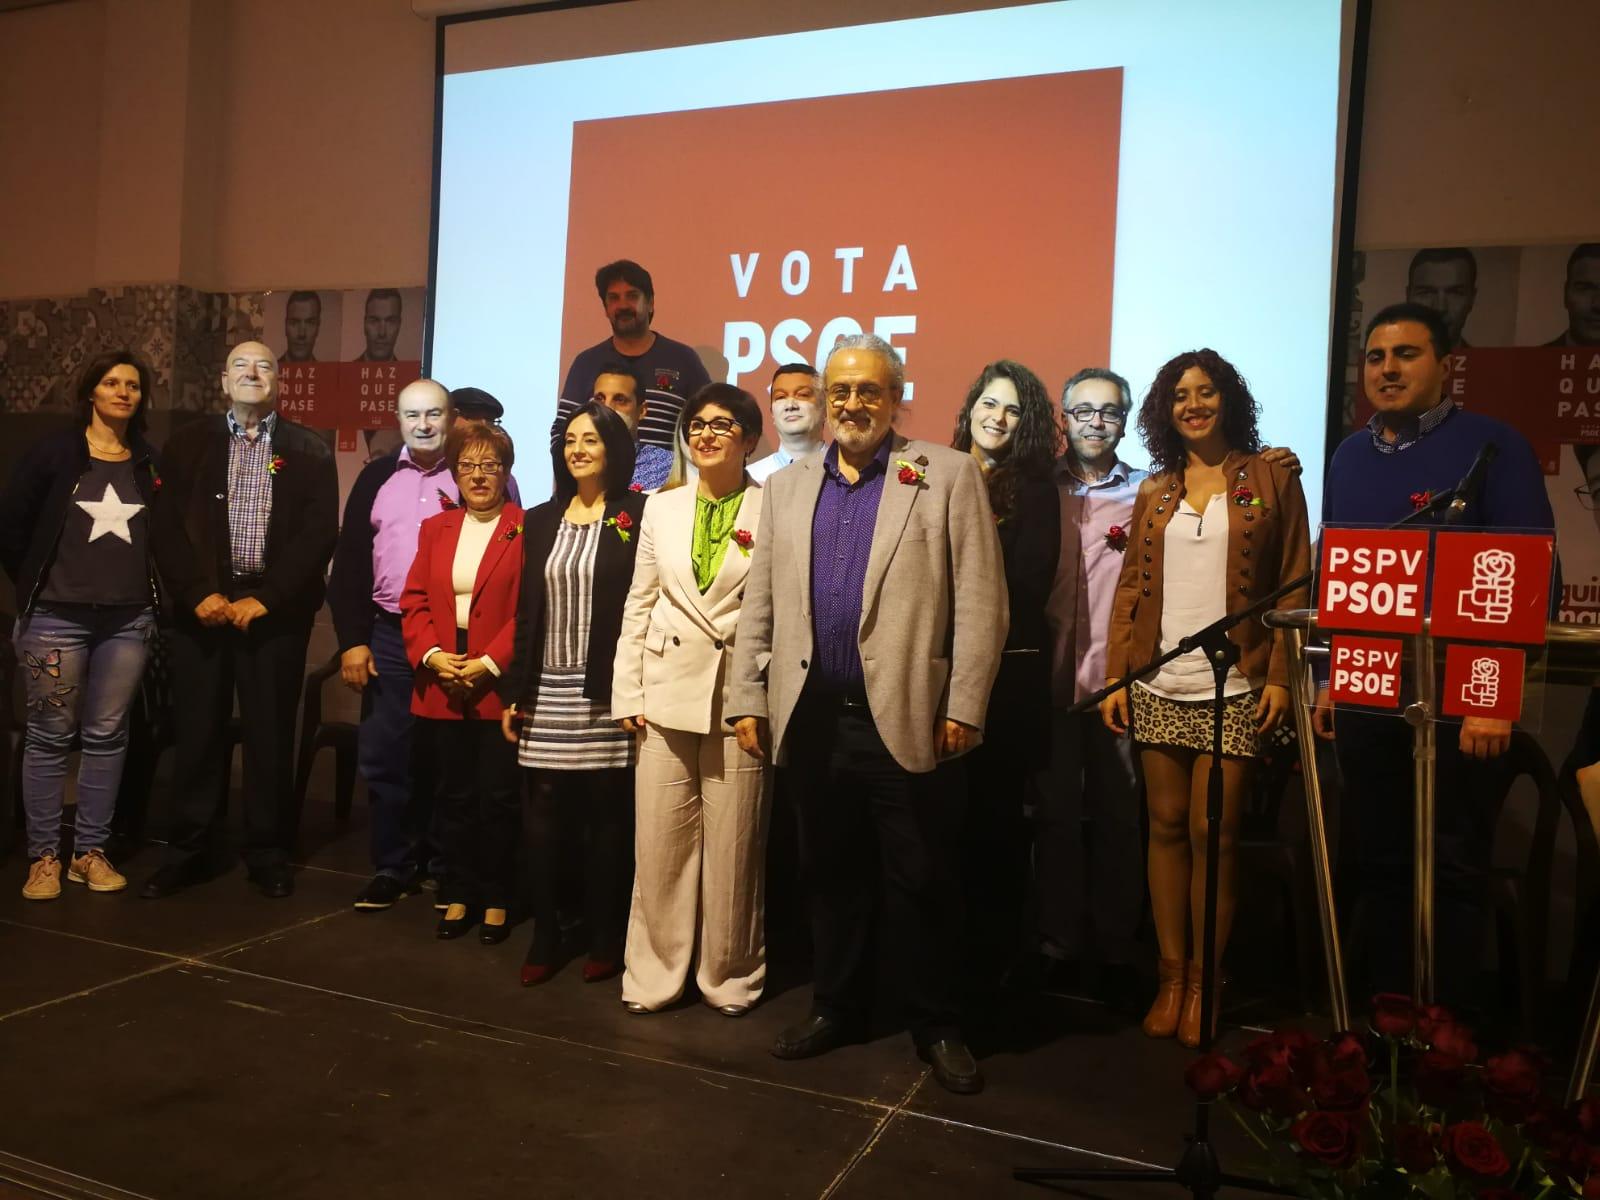 La candidatura que lidera Juncal Carrascosa contó con el apoyo de Pedro Rodríguez y de Rebeco Torró.